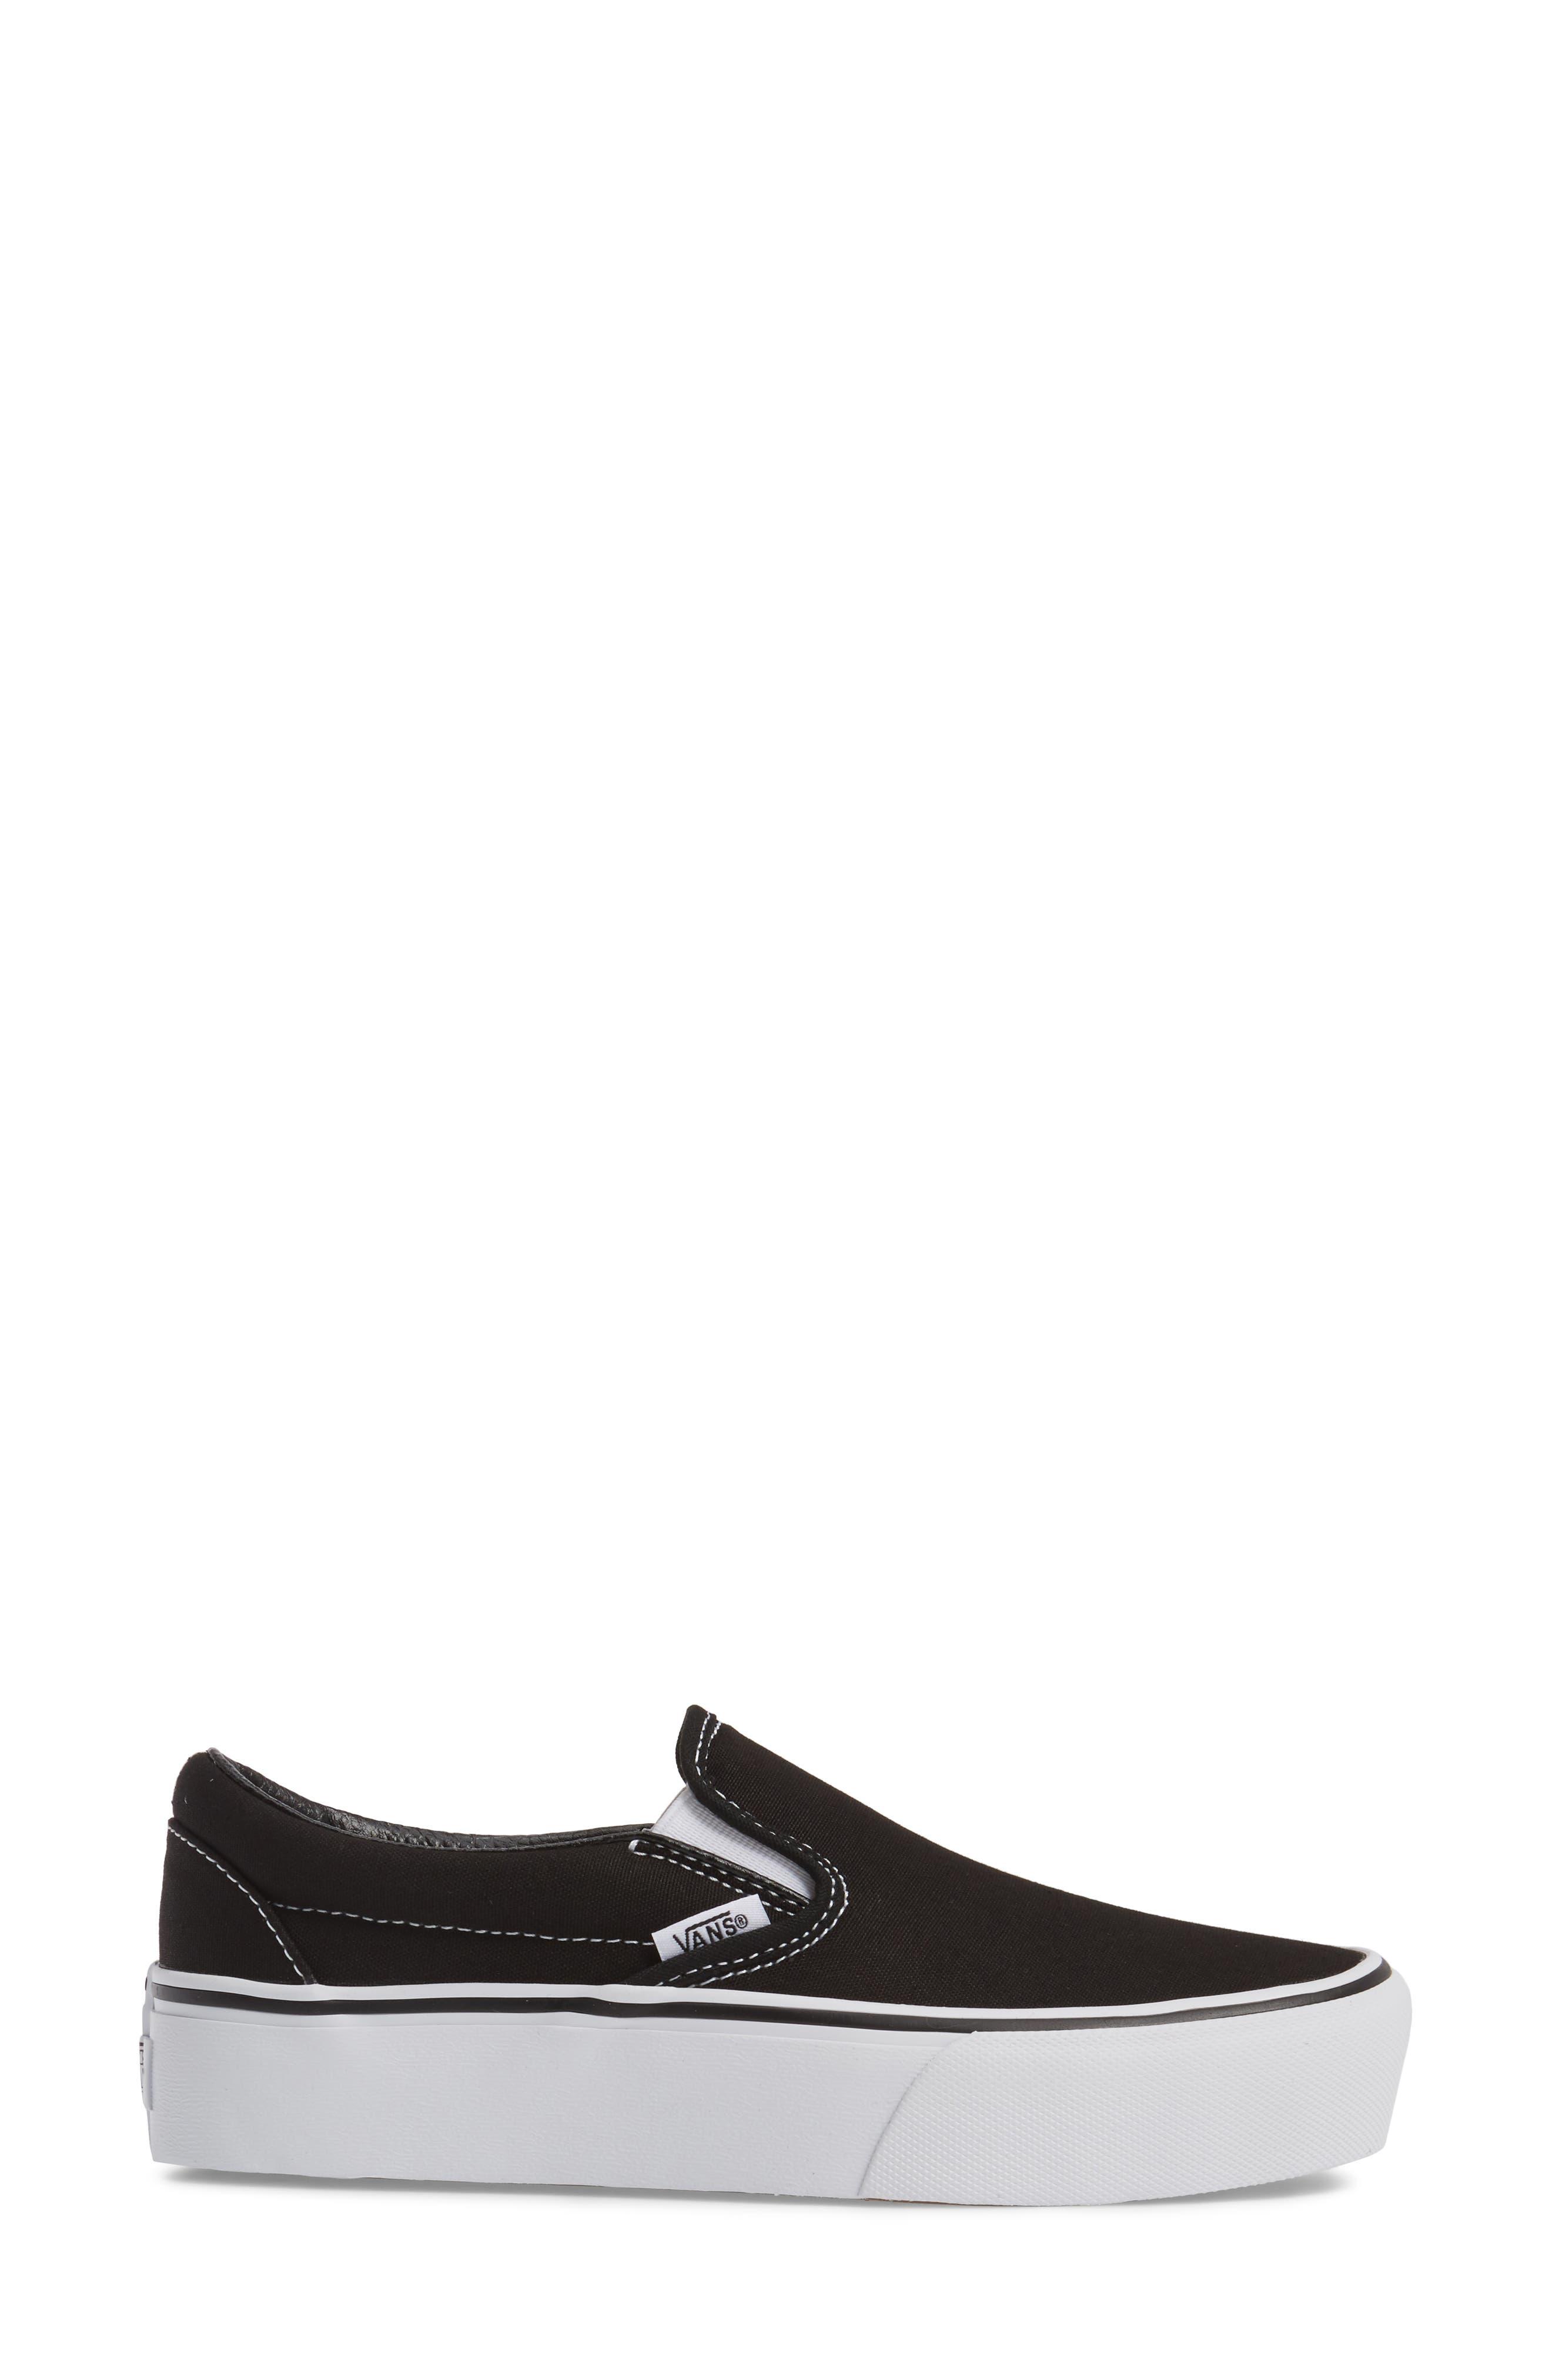 Platform Slip-On Sneaker,                             Alternate thumbnail 3, color,                             BLACK/ WHITE